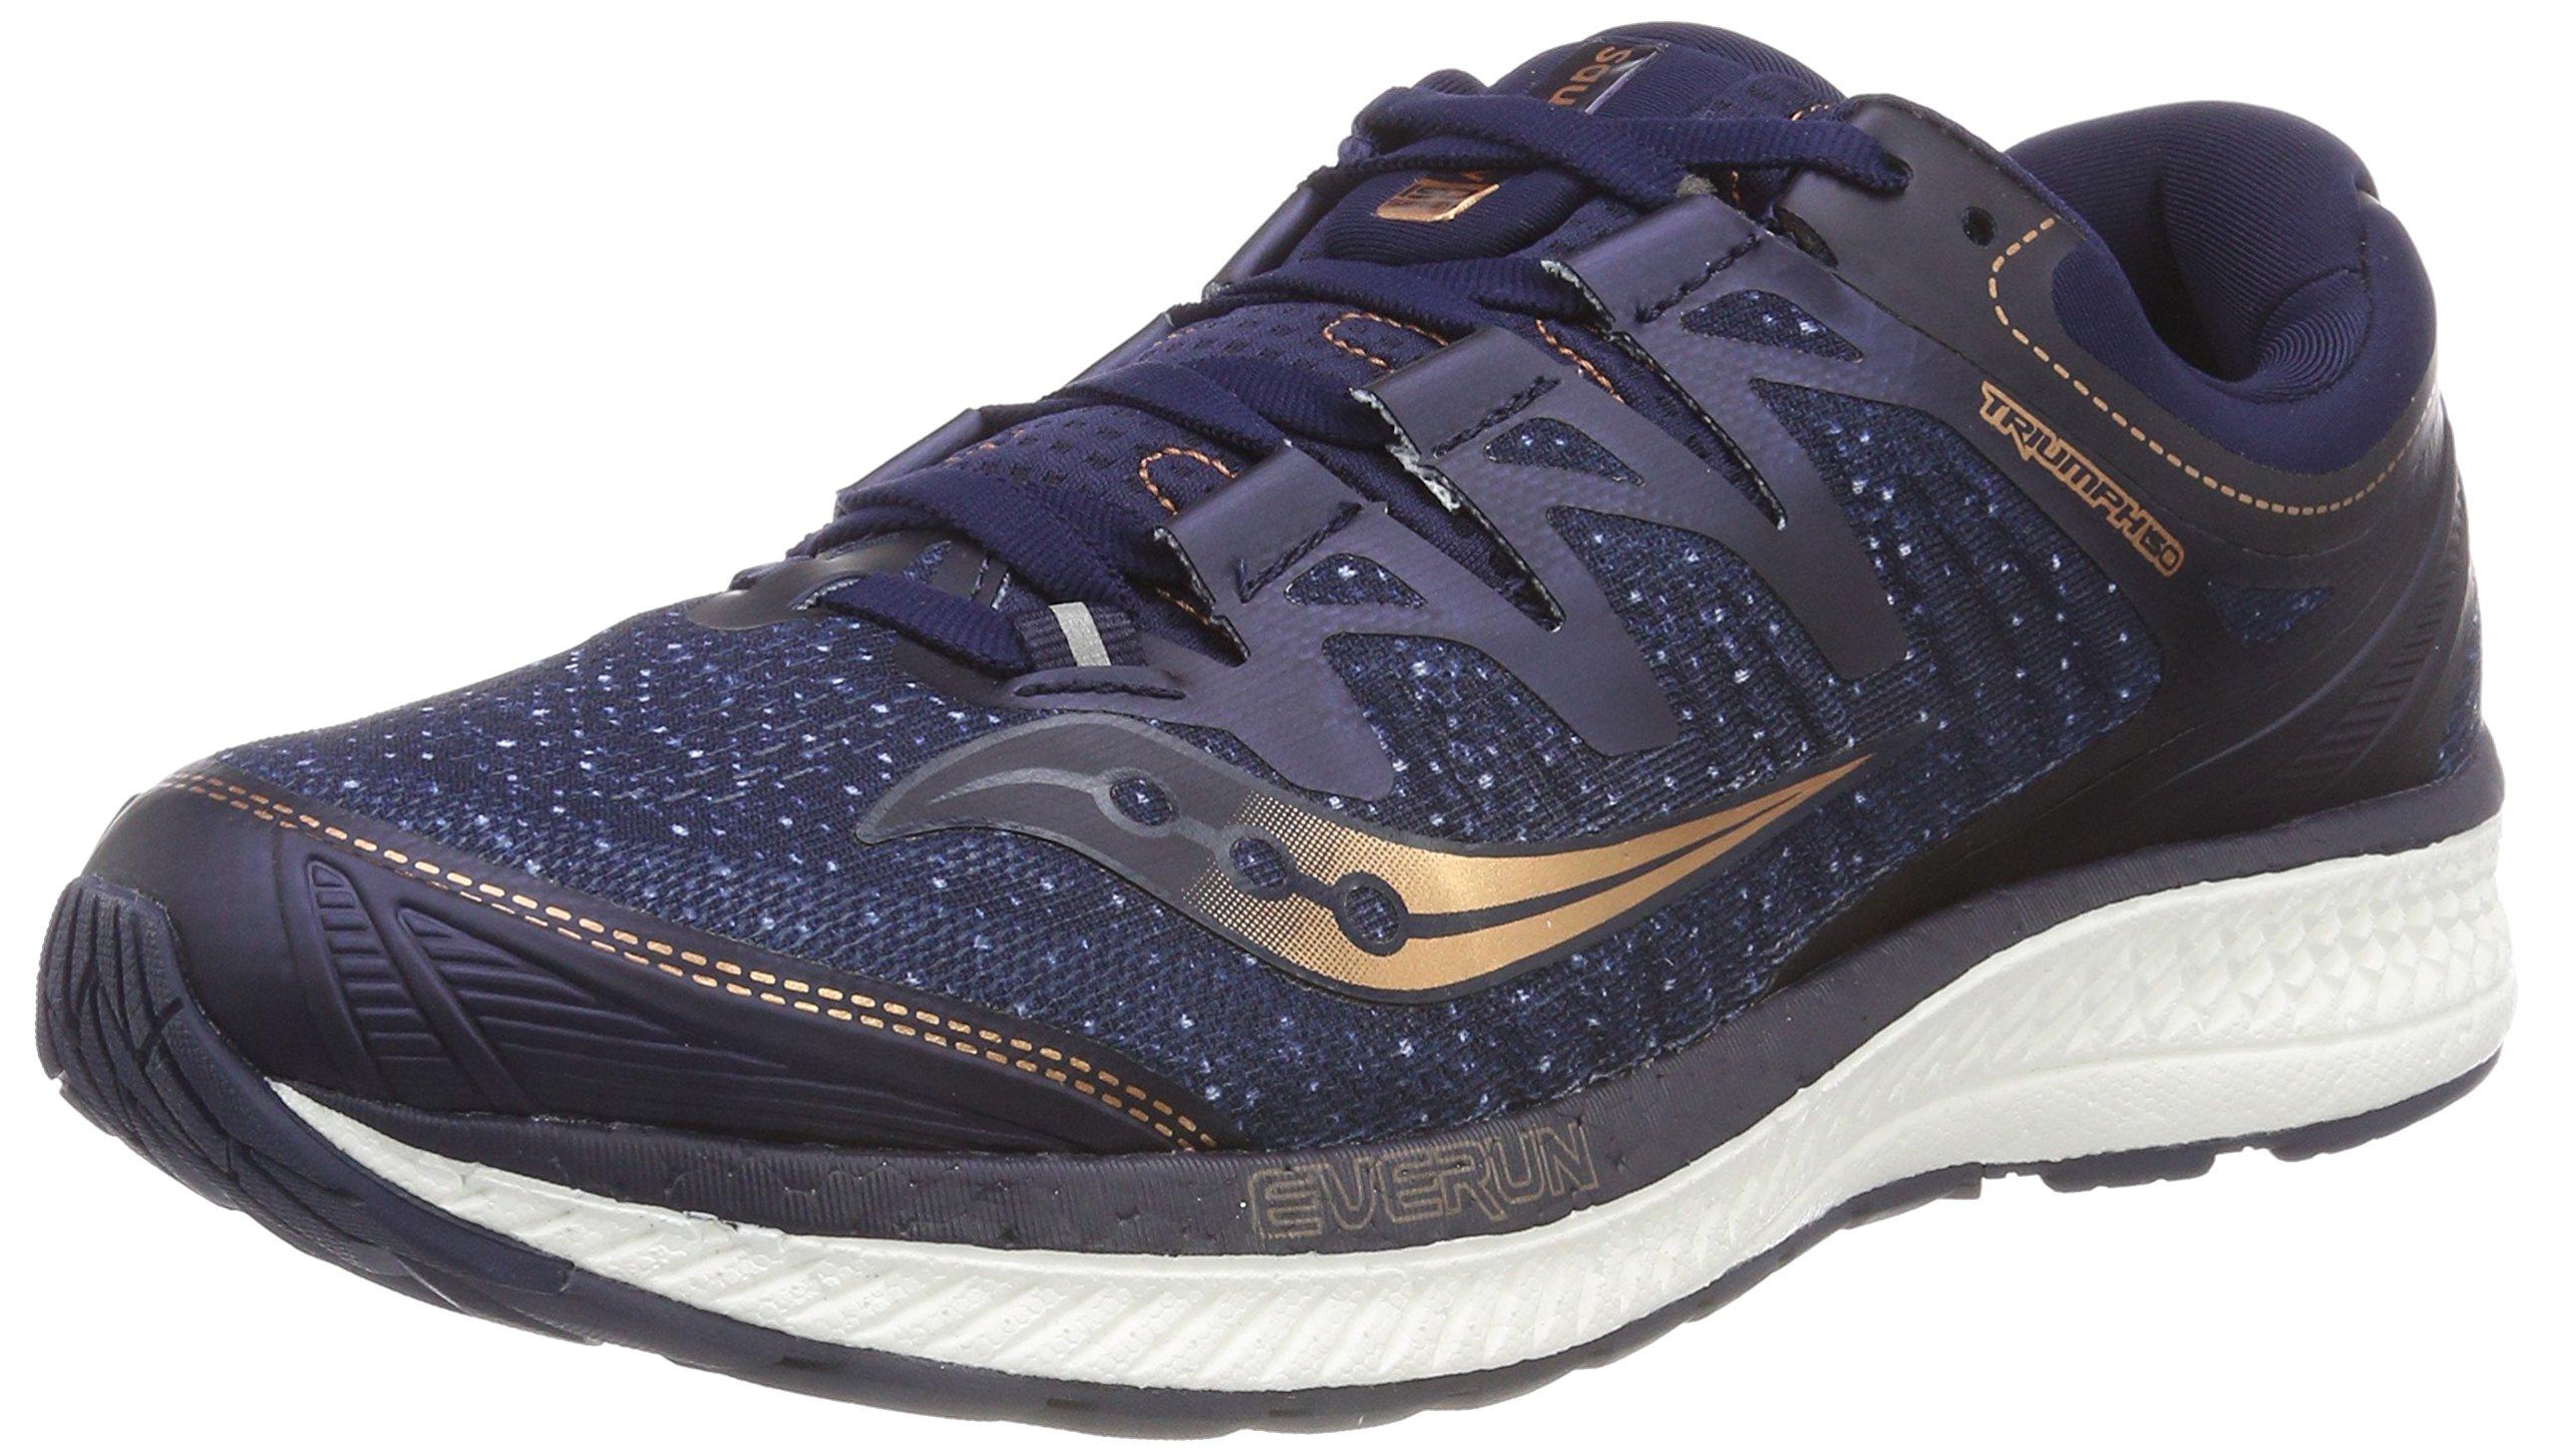 Saucony Triumph ISO 4, Zapatillas de Running para Hombre product image